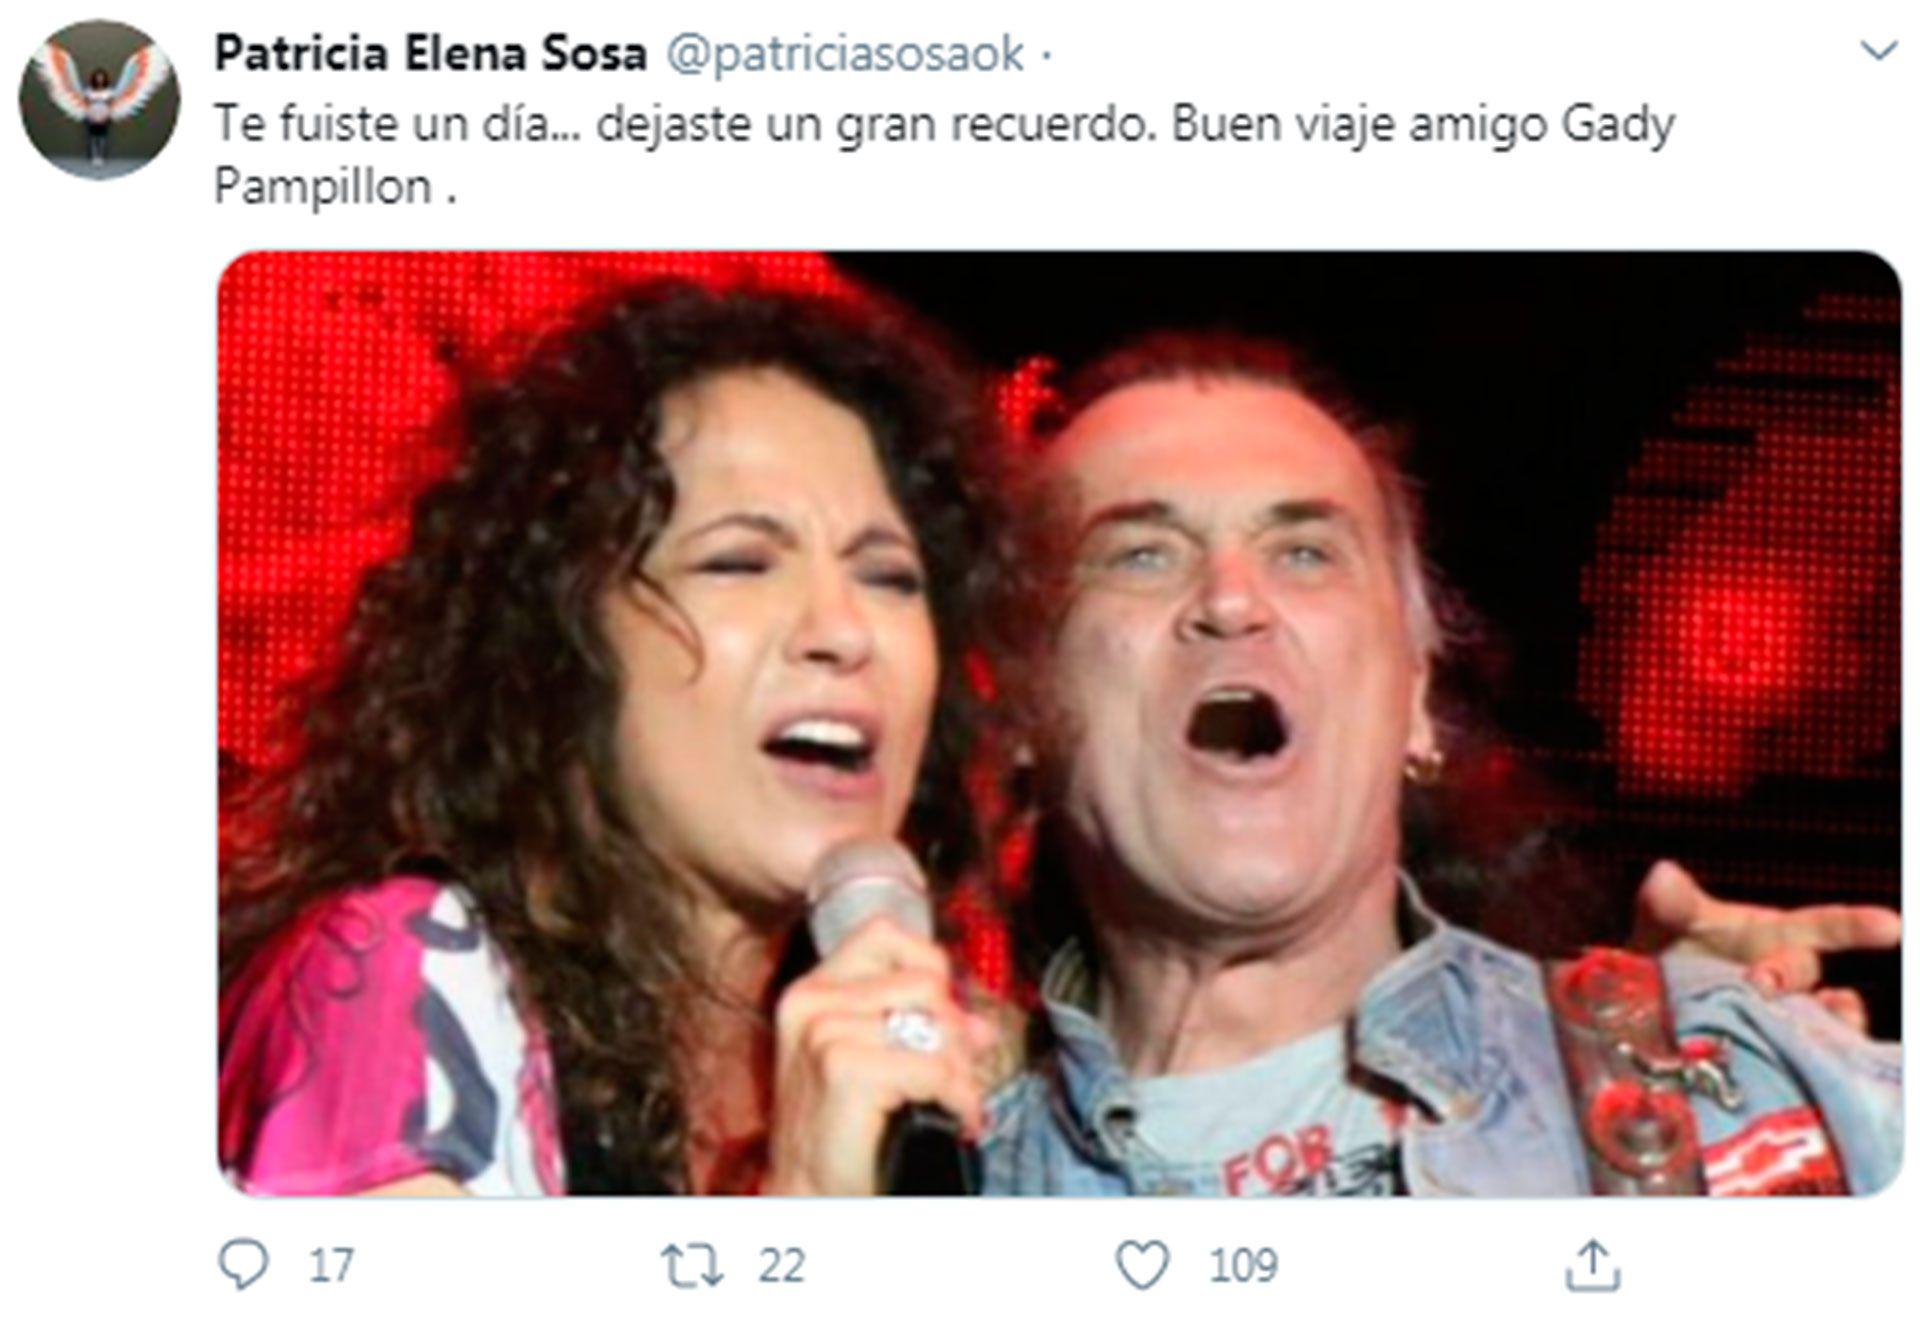 Mensaje de Patricia Sosa por Gady Pampillón